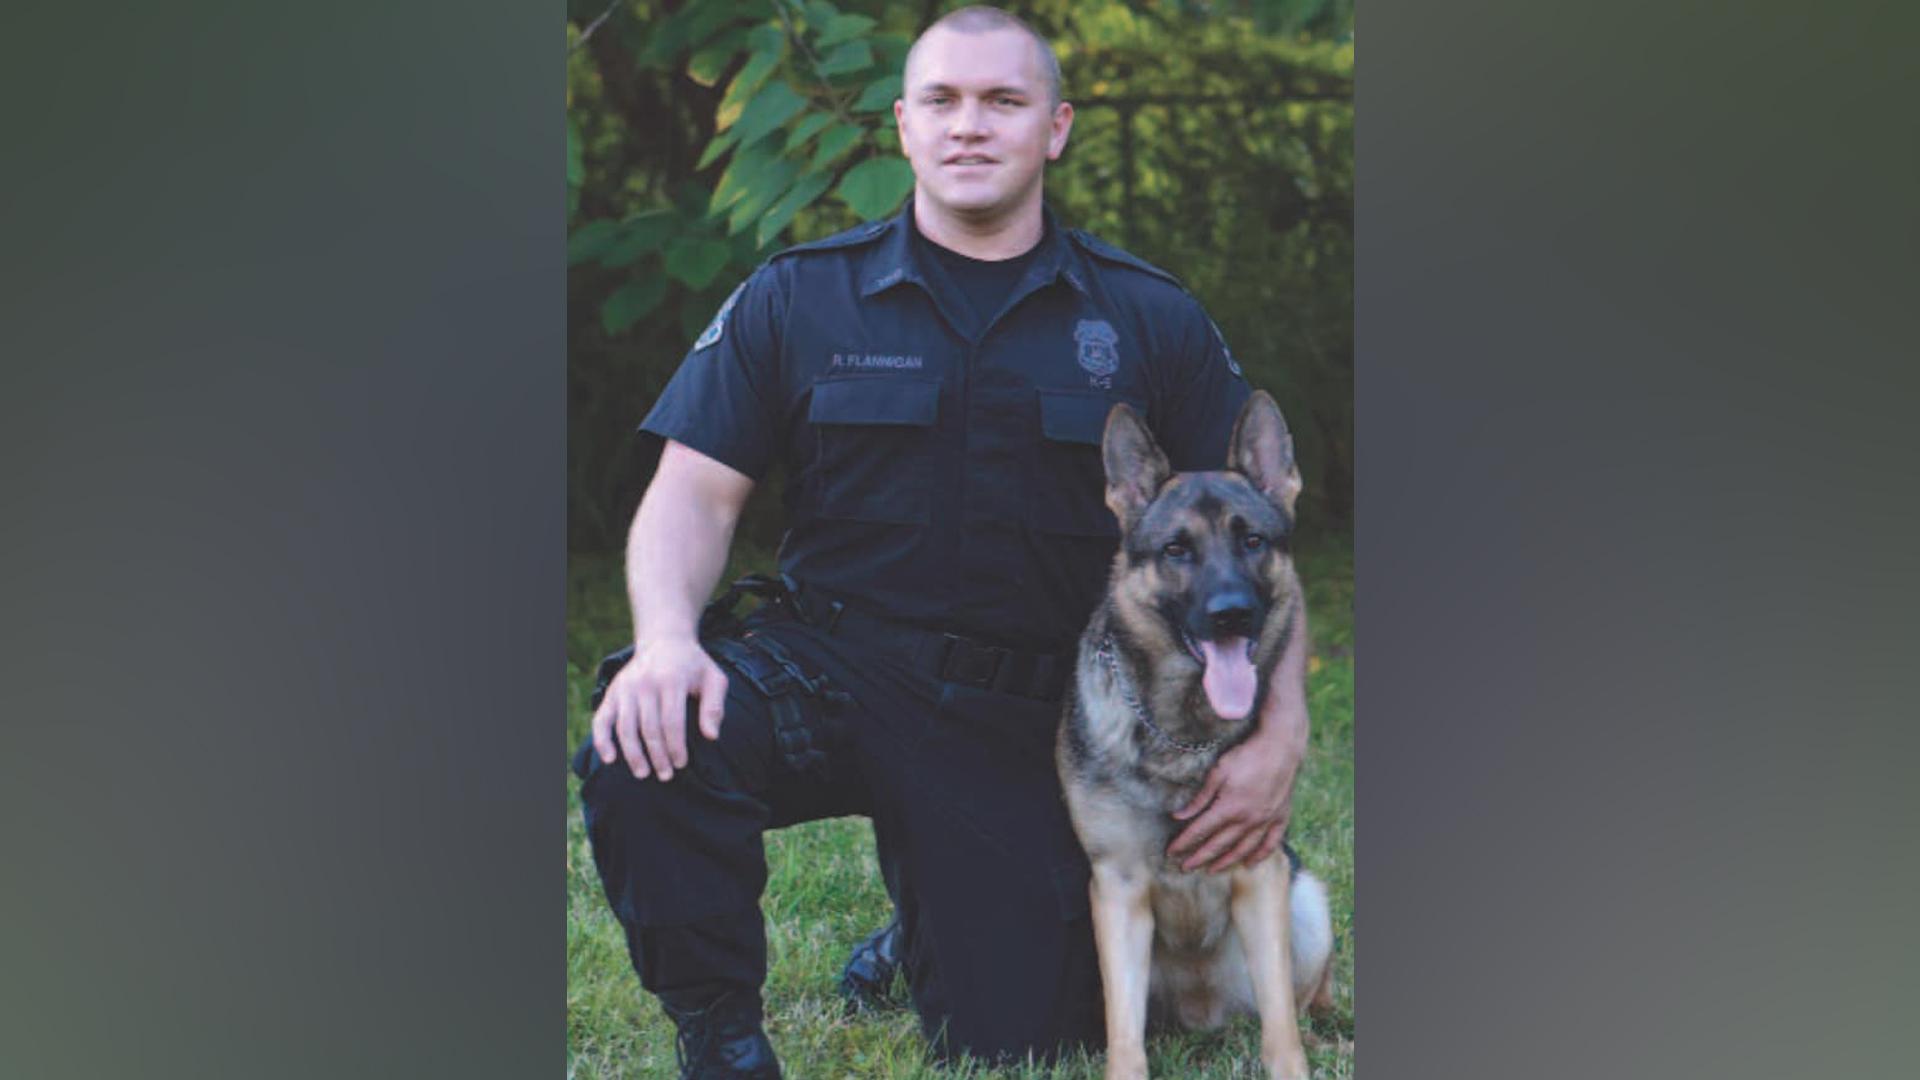 Tampa police K-9 dies of natural causes week before retirement